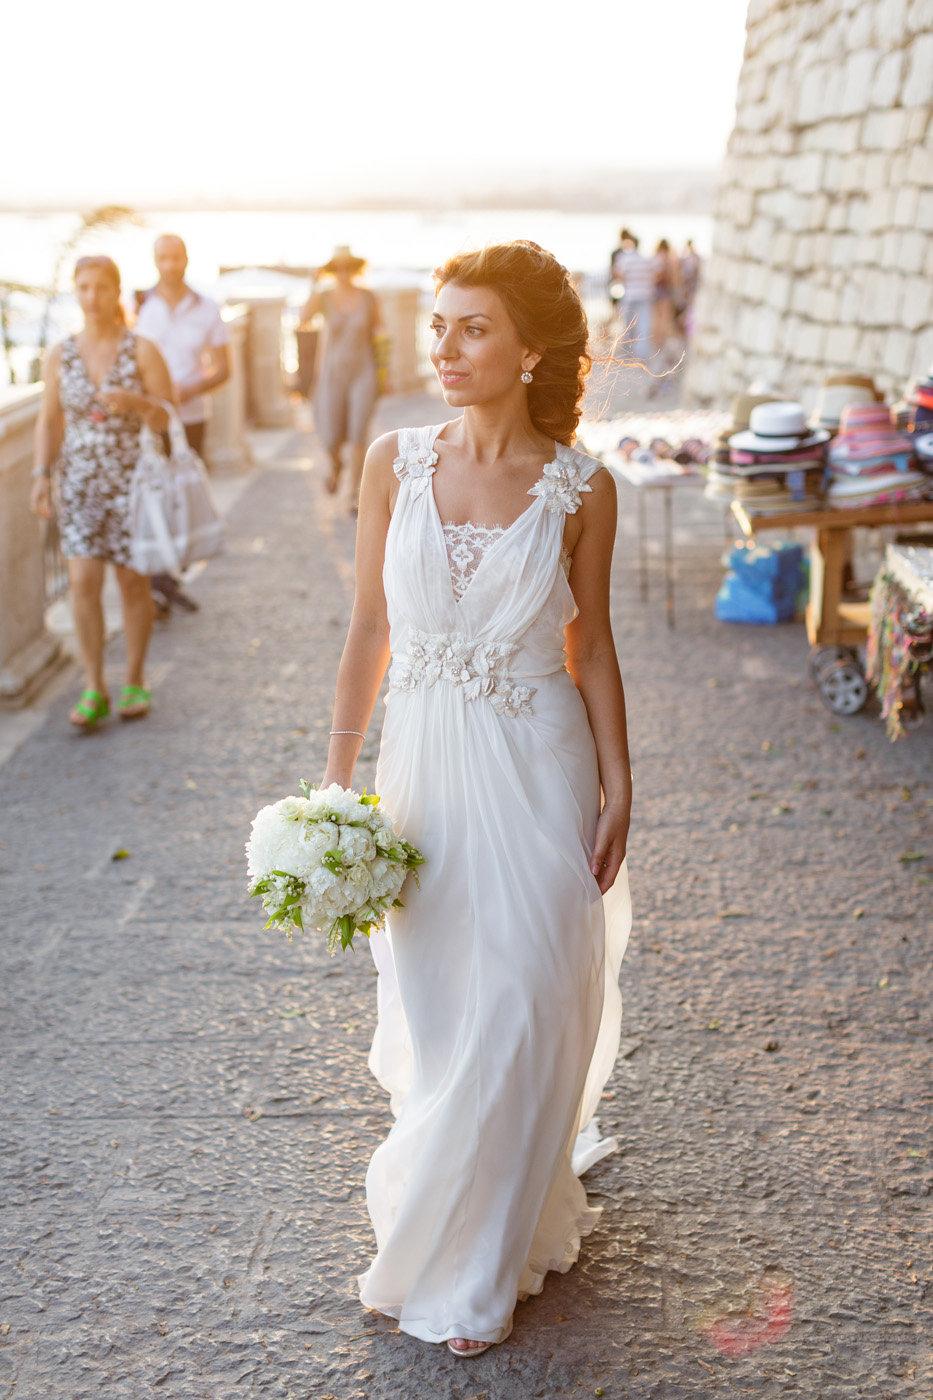 Francesca + Antonio - Sicily, Italy Wedding